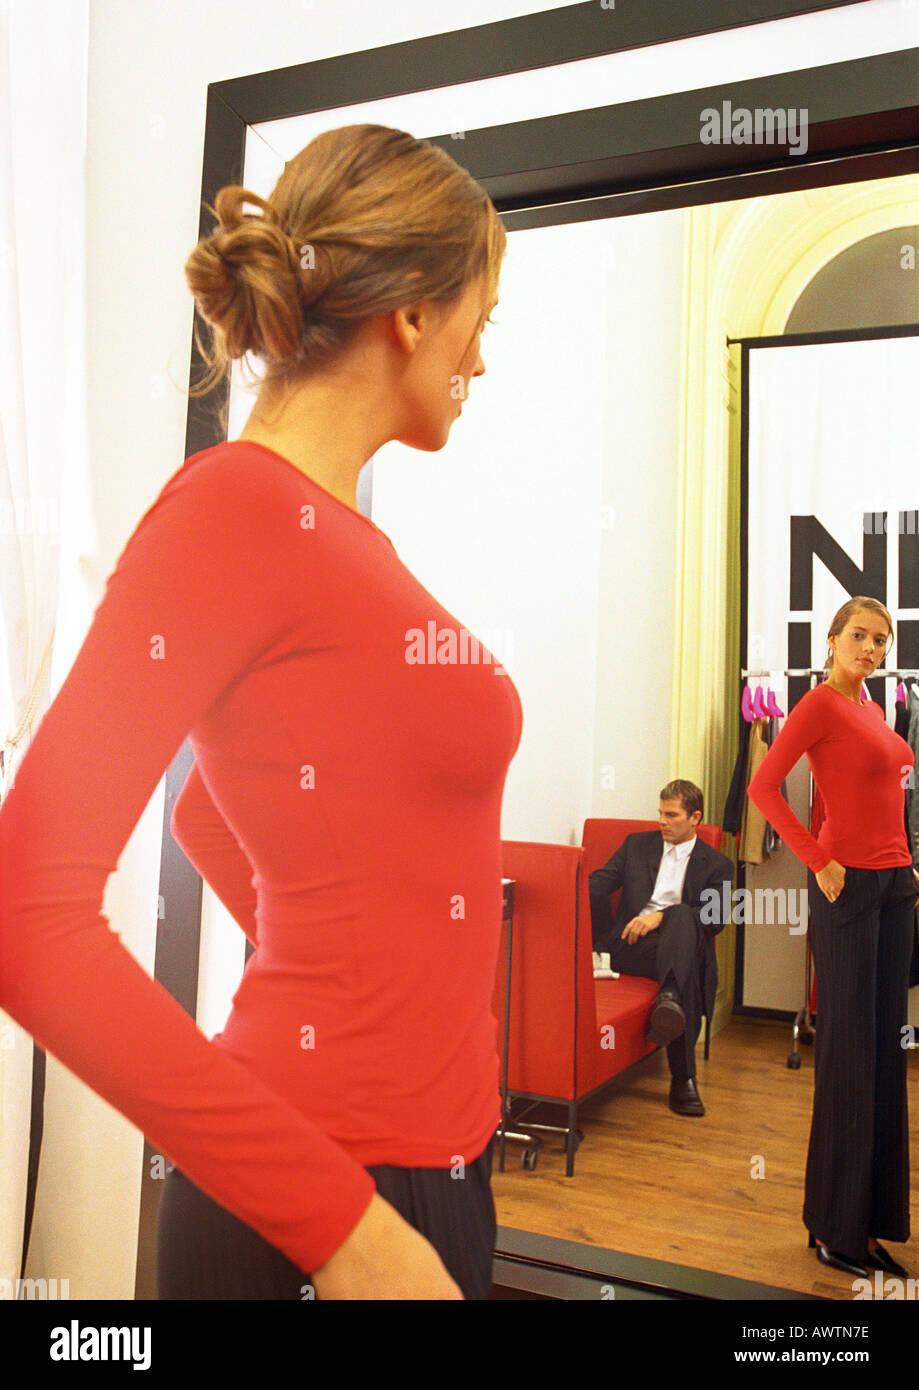 new styles a71ae 06504 Donna cerca su vestiti, guardando in uno specchio, uomo ...